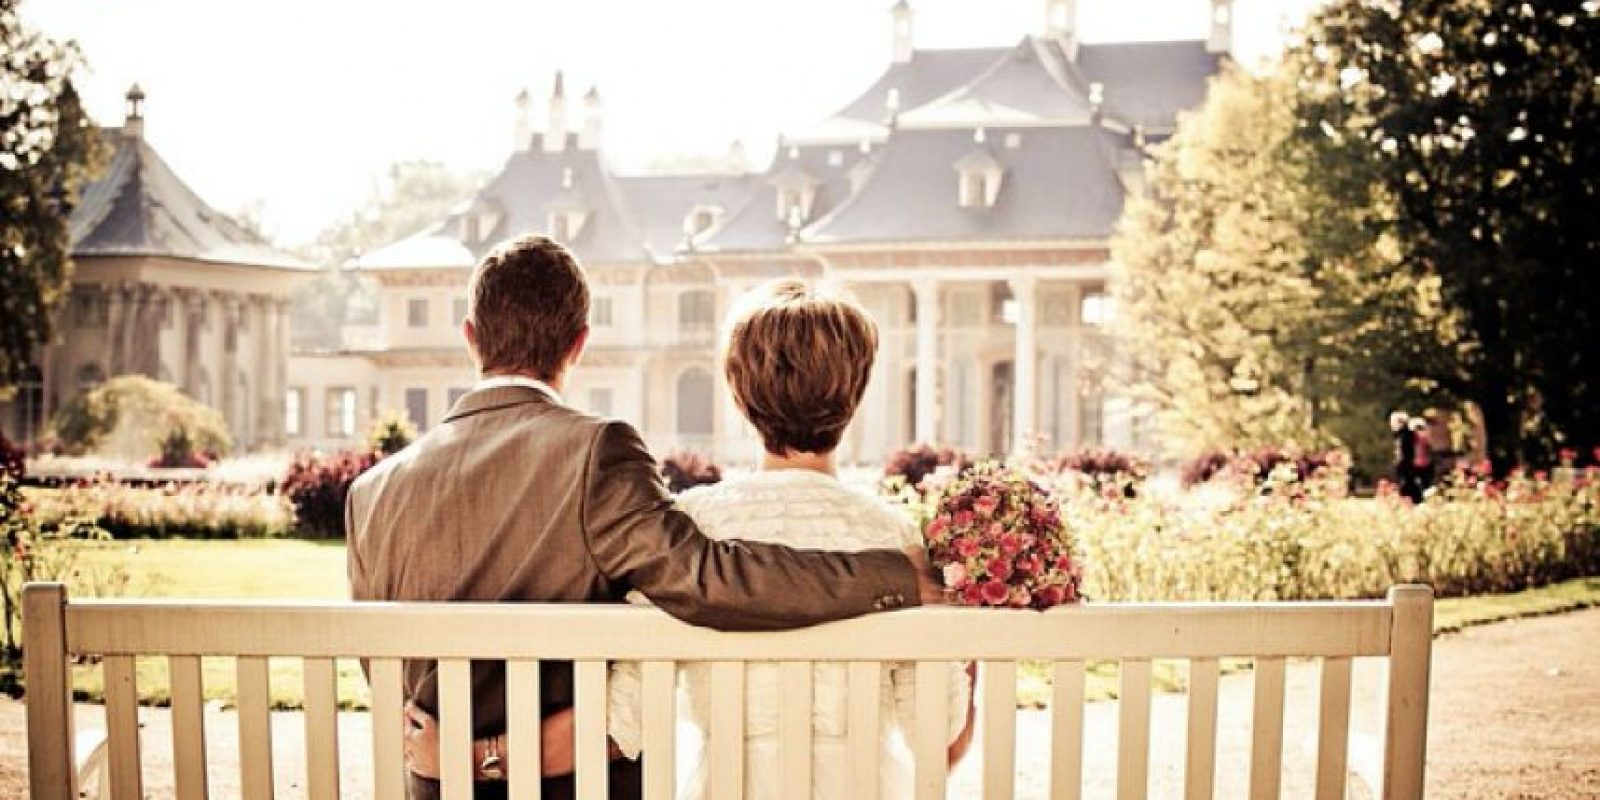 Los hombres, sin embargo, experimentaron una caída en la angustia emocional sólo al casarse directamente, no cuando se mudaban con una pareja romántica por primera vez. Foto:Pixabay. Imagen Por: